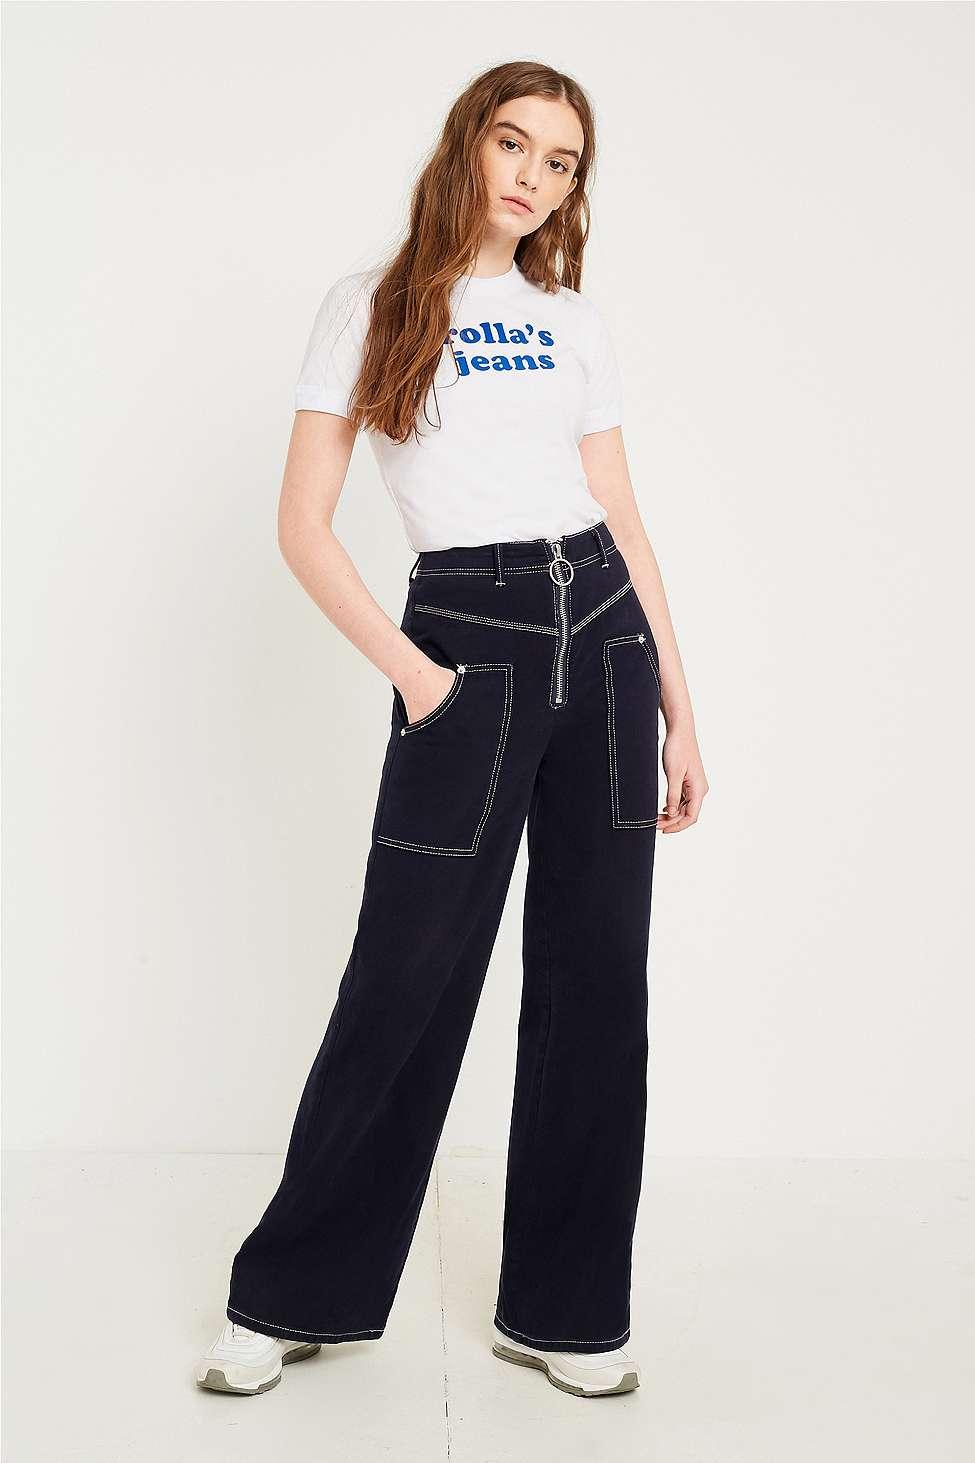 Rolla's Jeans Flocked Logo T-Shirt, White